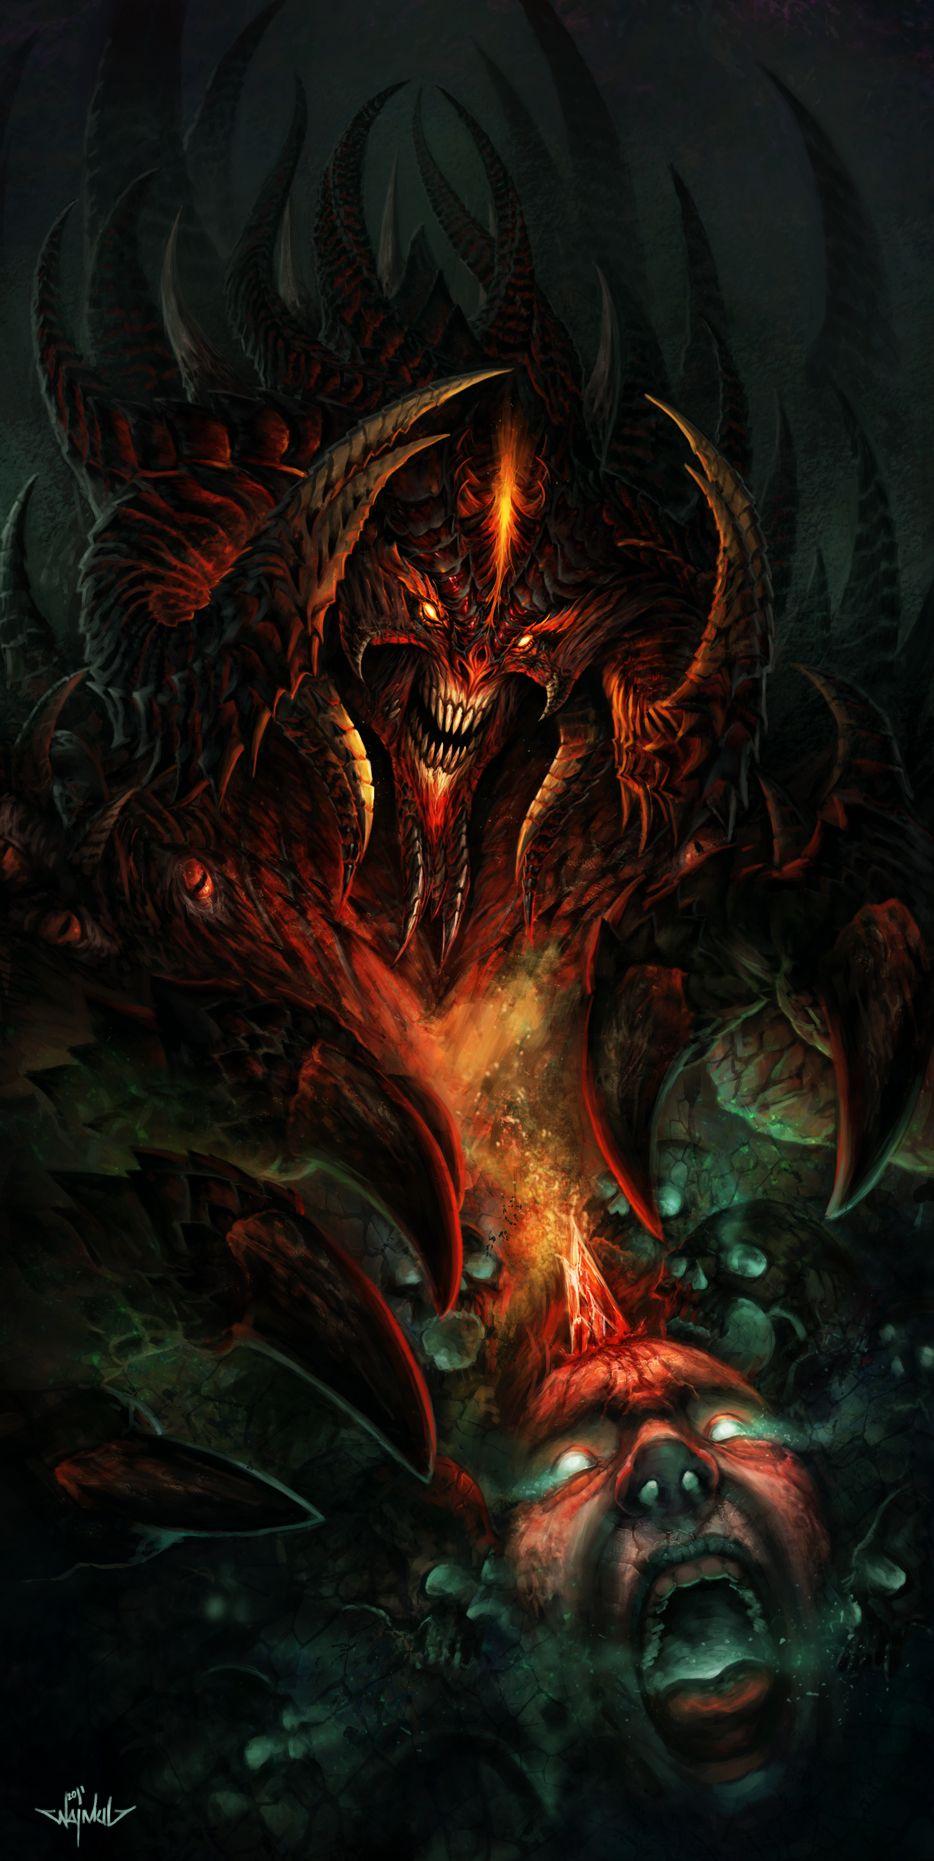 The Dark Lord Diablo 3 Fanart Fantasy Illustration Dark